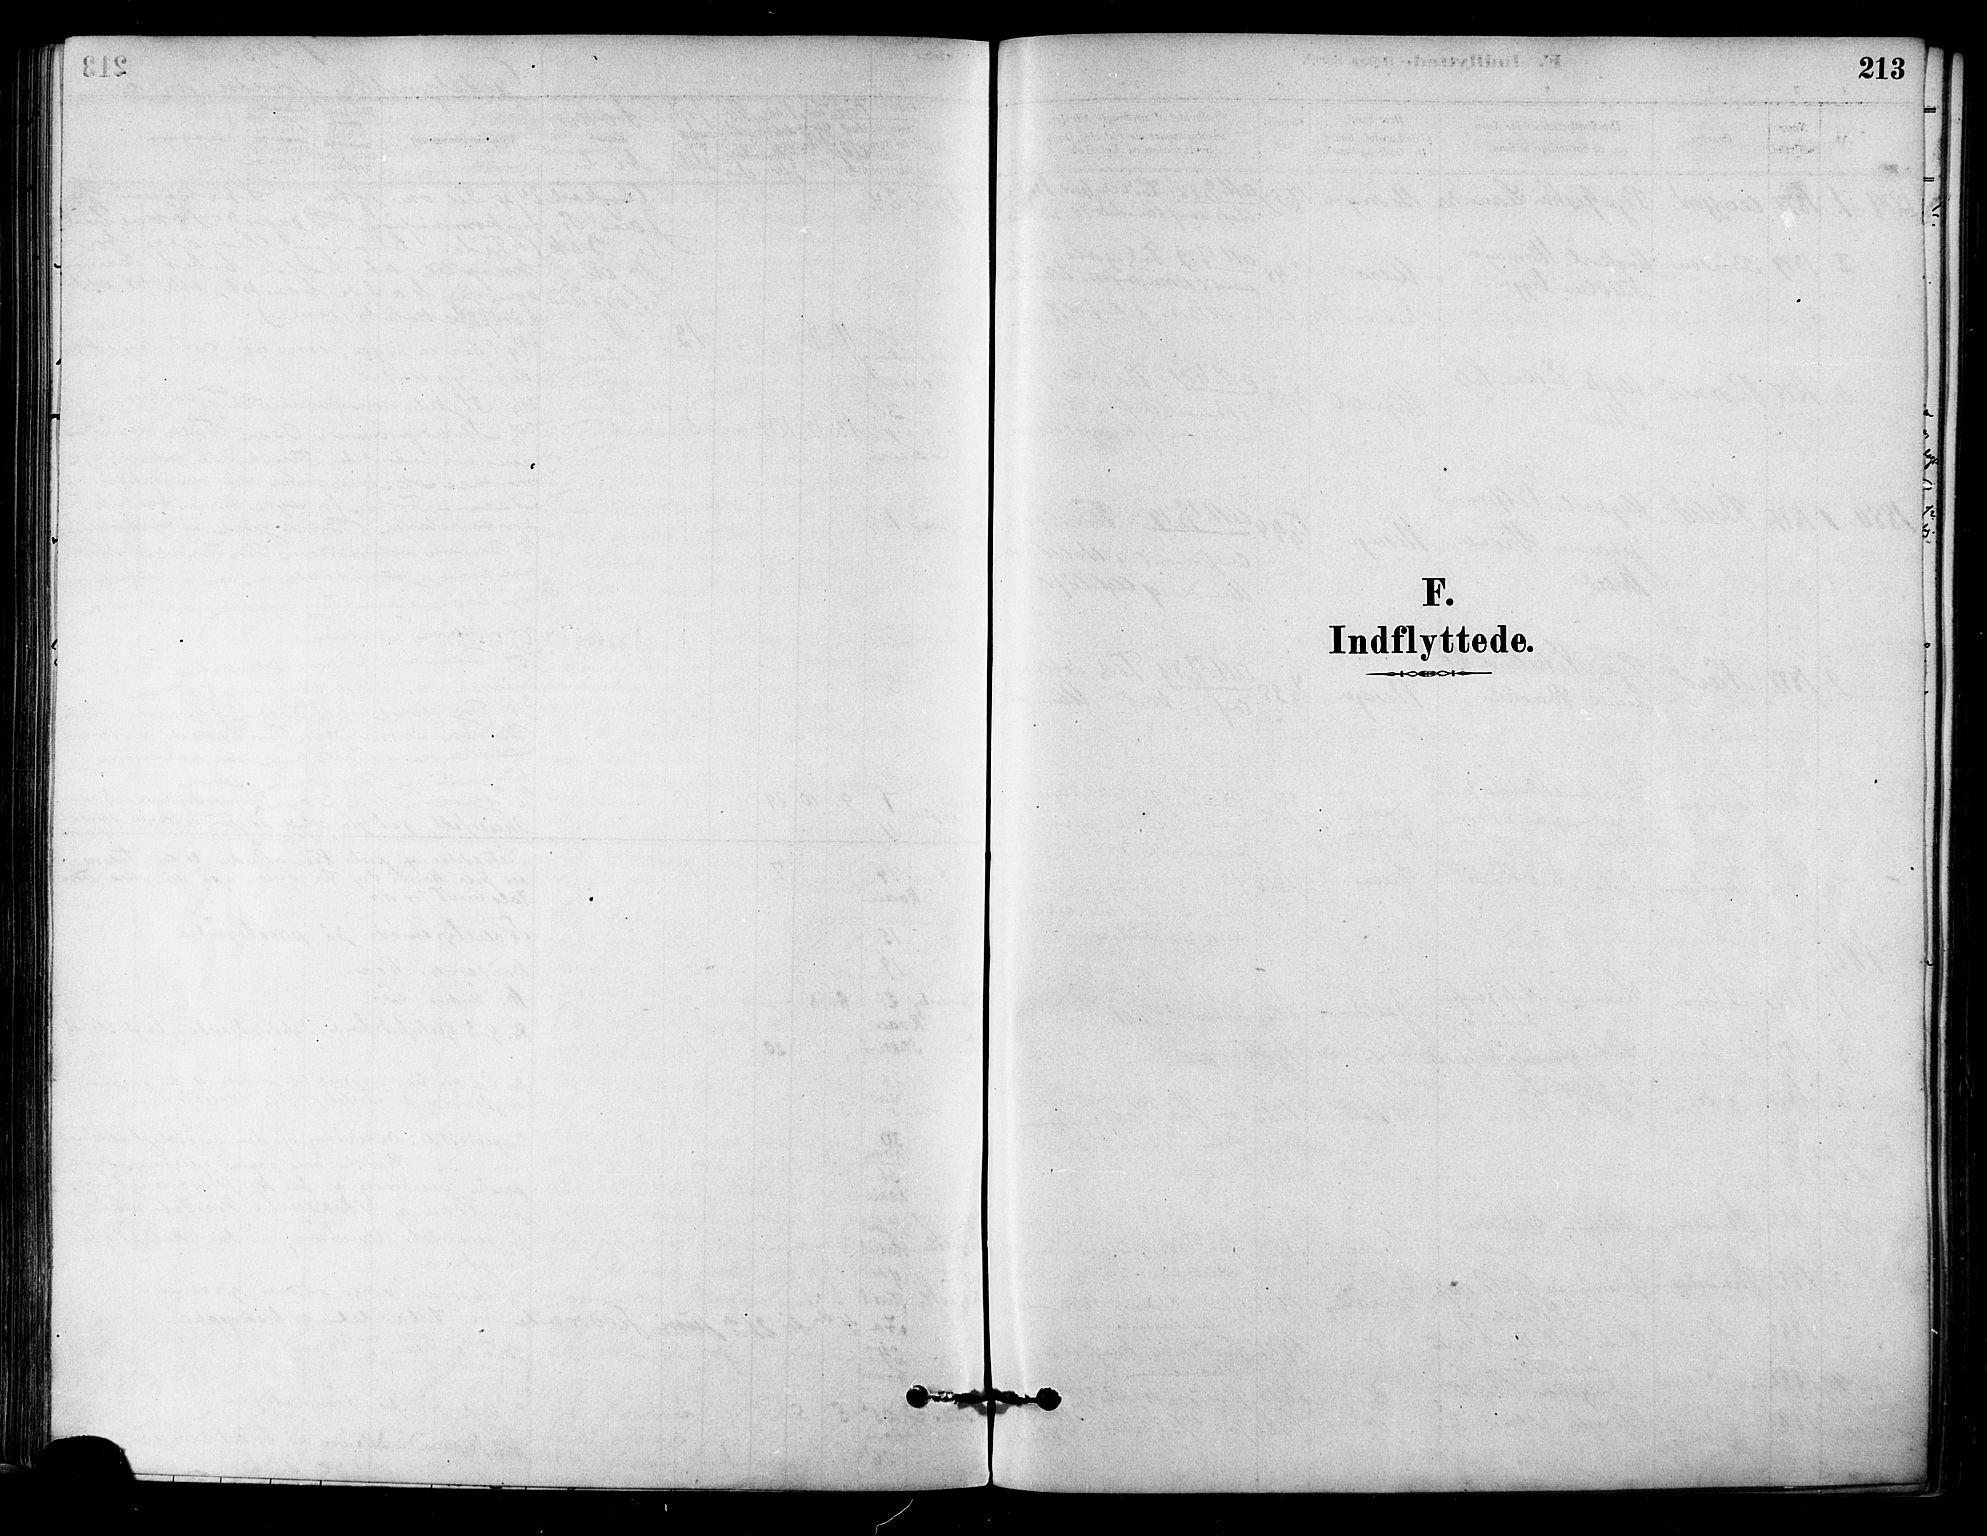 SAT, Ministerialprotokoller, klokkerbøker og fødselsregistre - Sør-Trøndelag, 657/L0707: Ministerialbok nr. 657A08, 1879-1893, s. 213